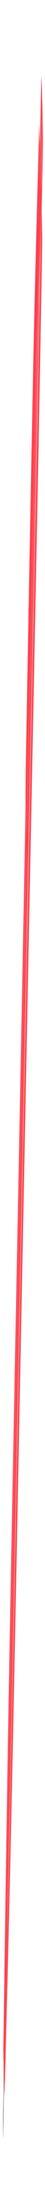 N6, ручка шариковая, красный, пластик